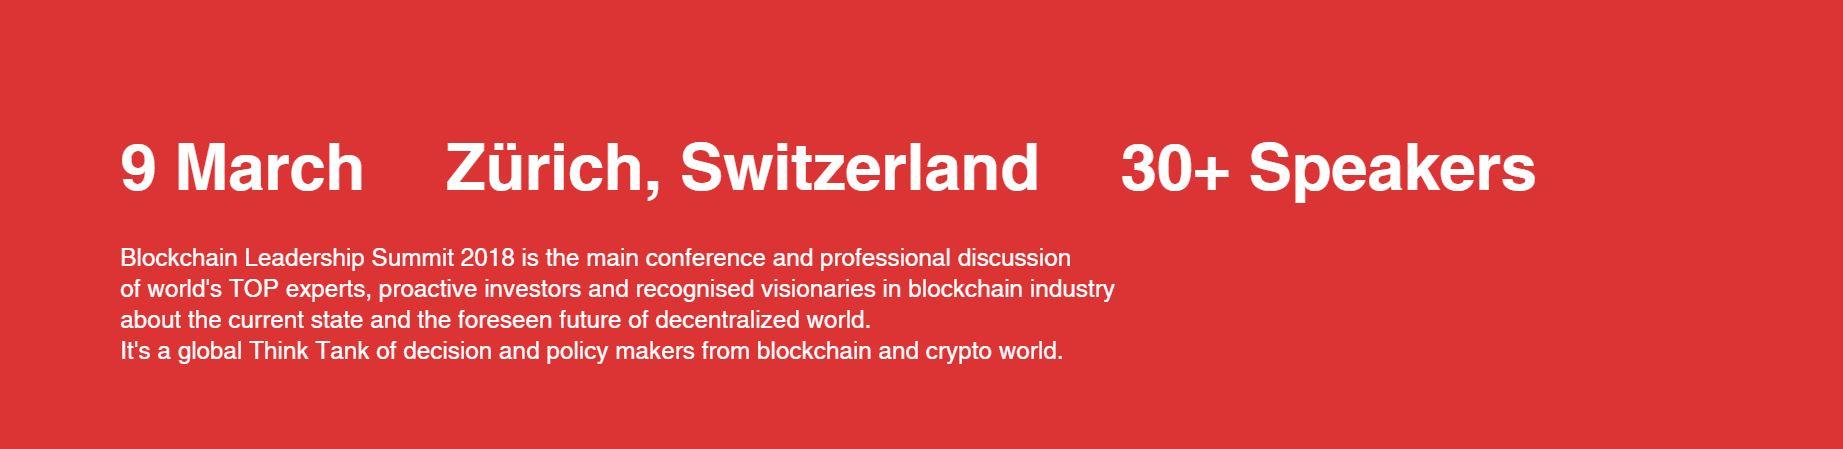 Le Blockchain Leadership Summit: la plus grande conférence de la crypto finance est pour bientôt